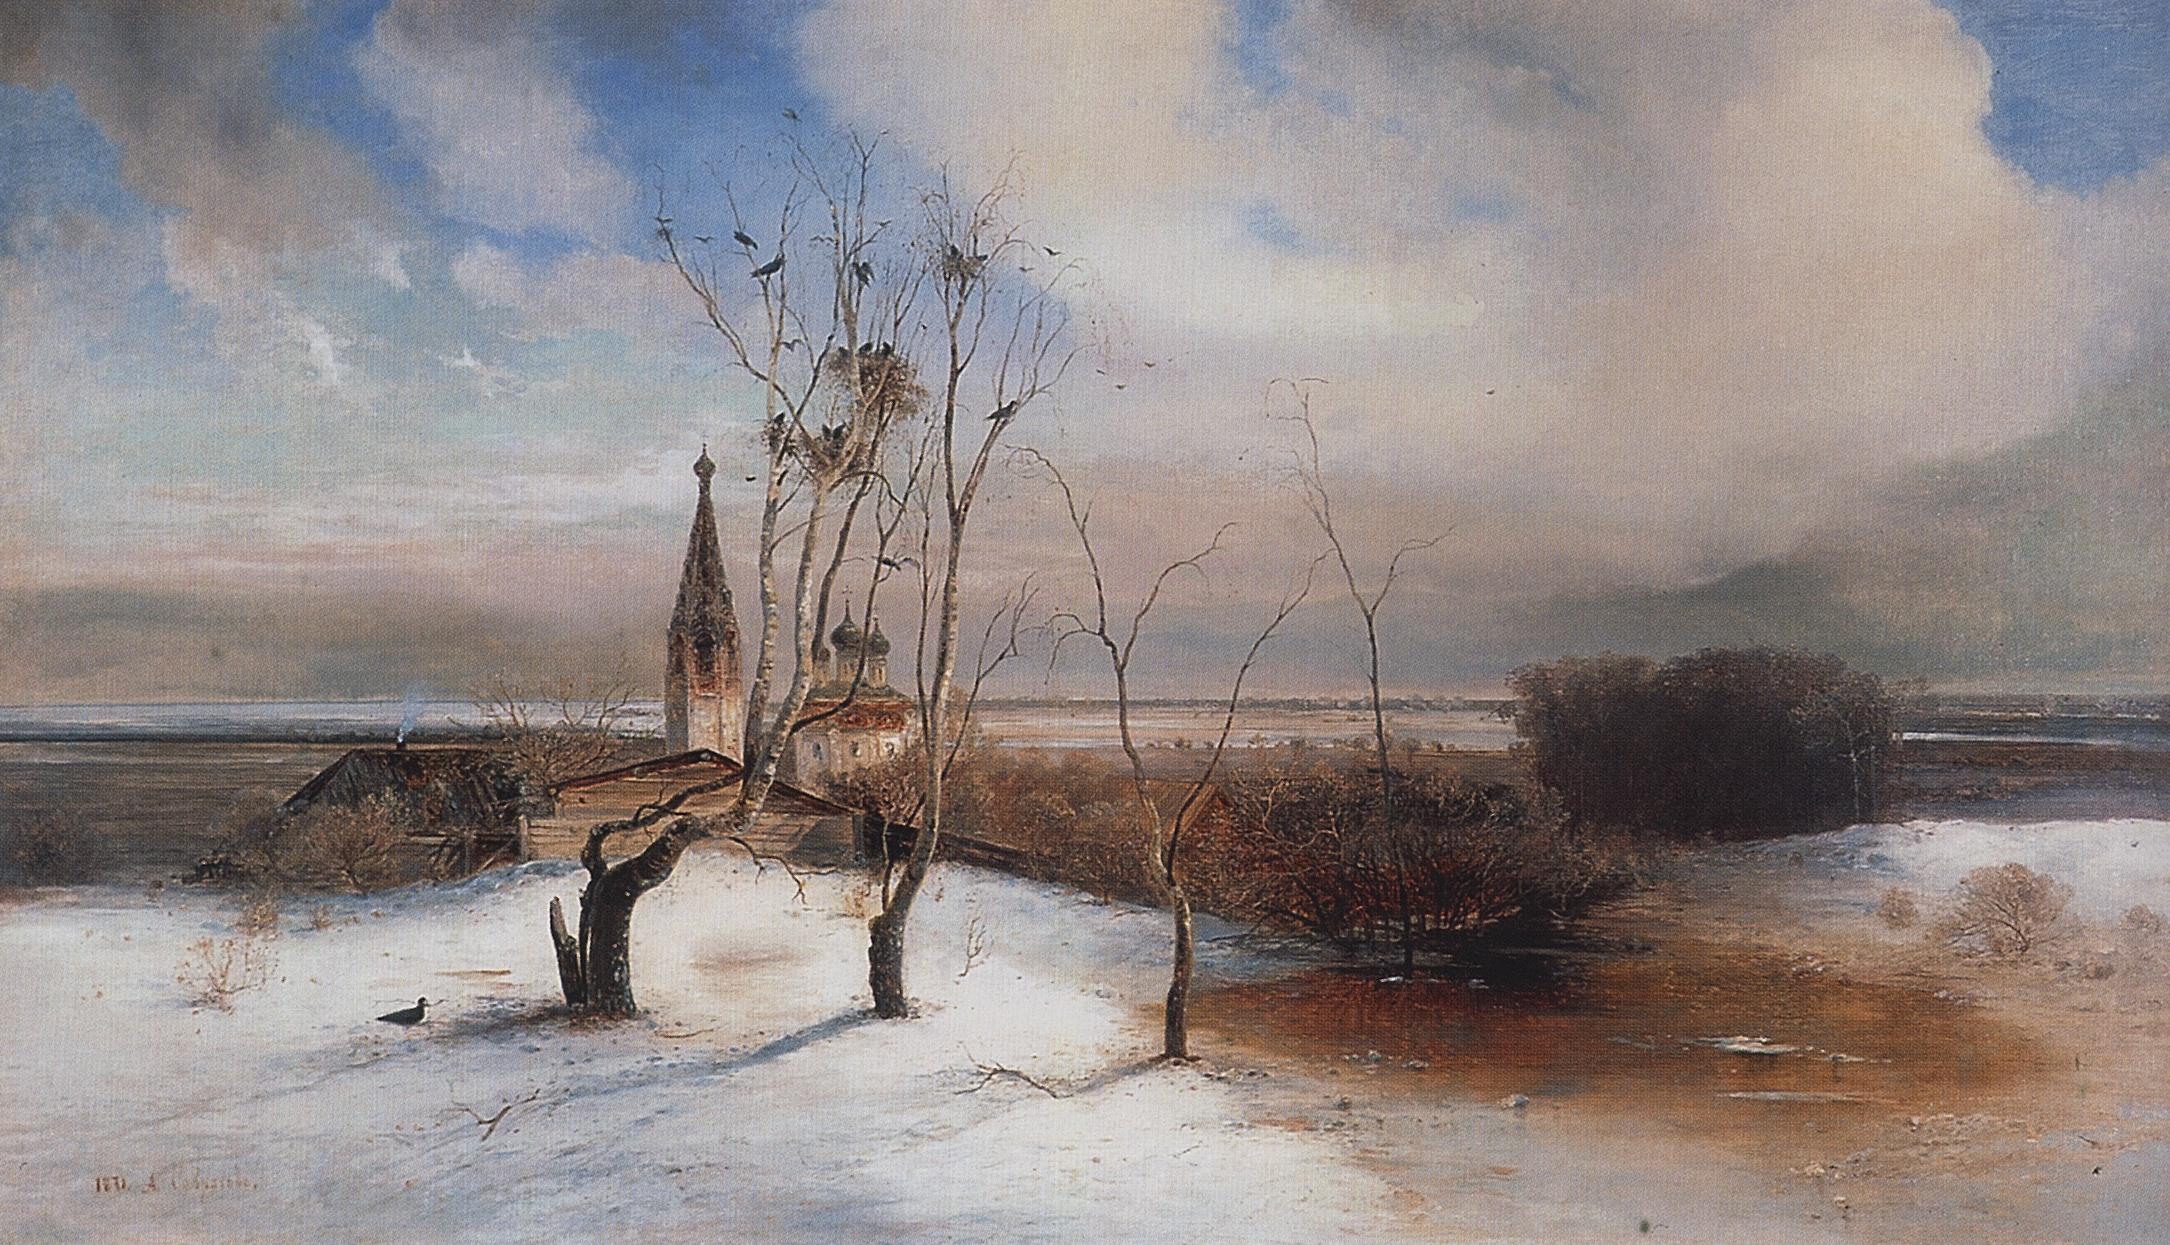 Саврасов. Весна. Грачи прилетели. 1872